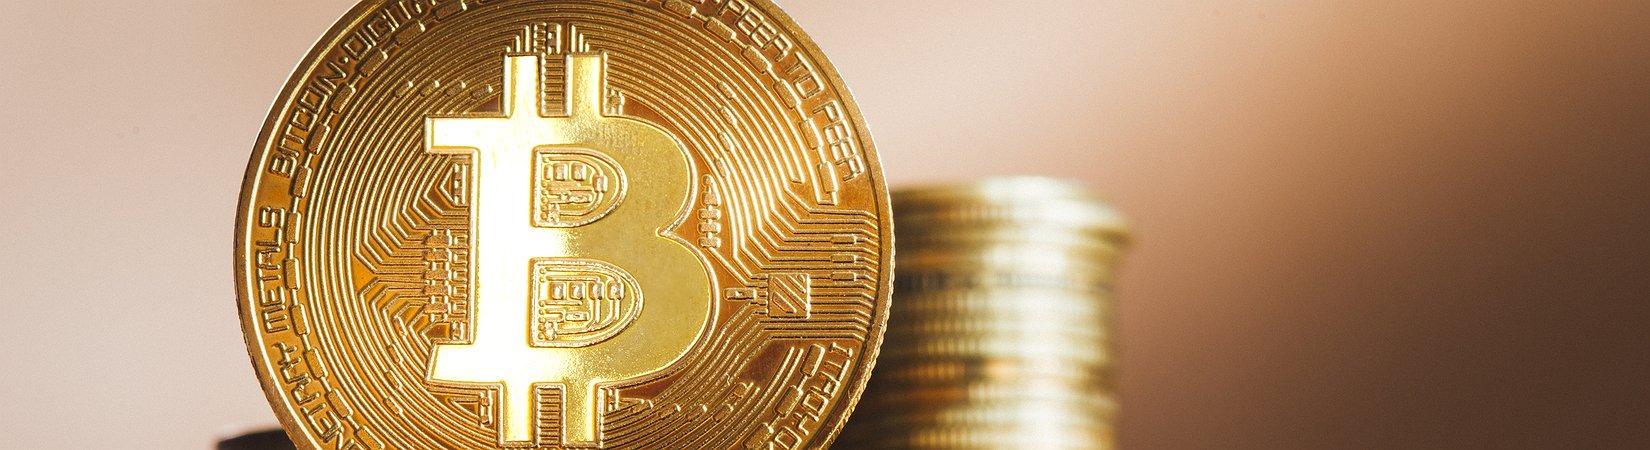 Formas poco convencionales de invertir en bitcoin